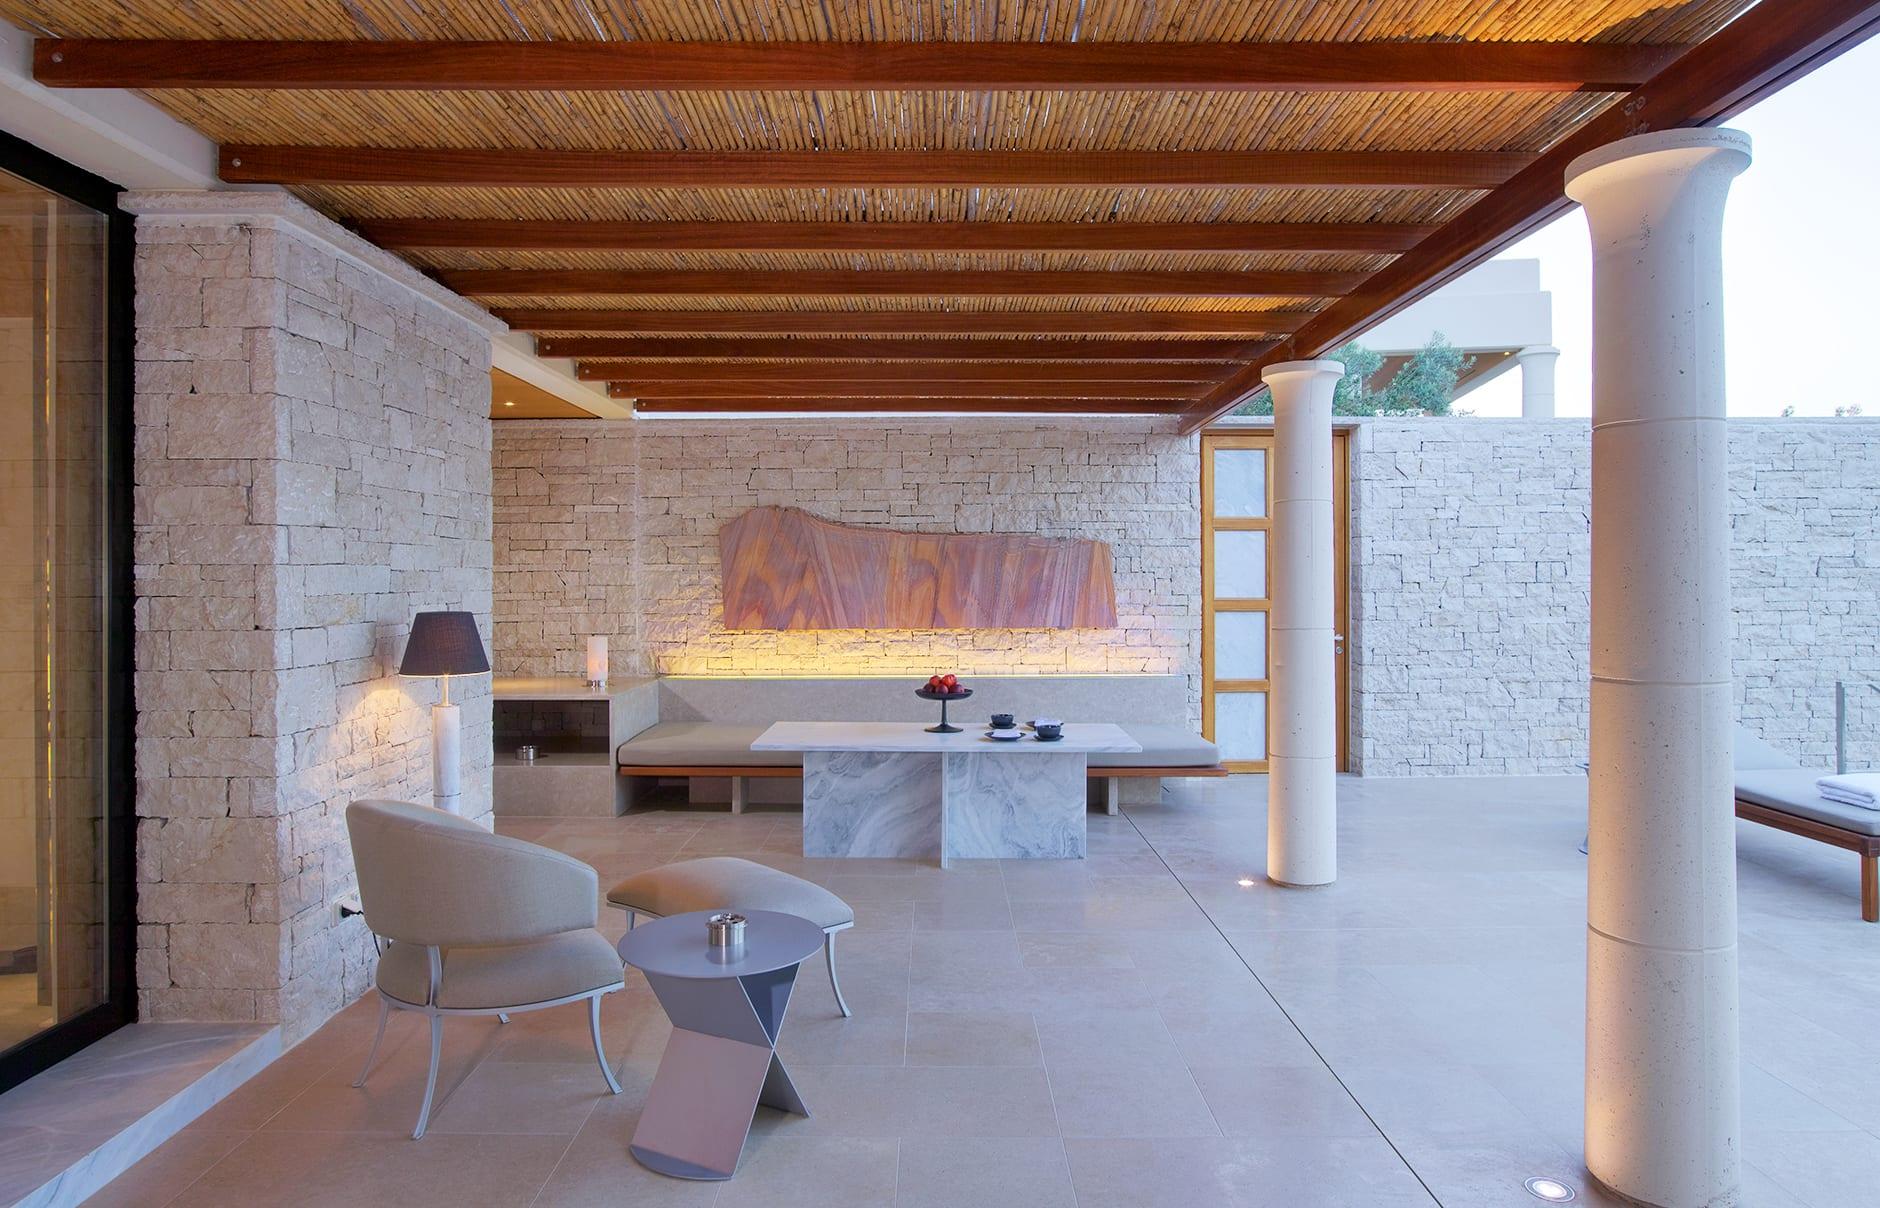 Amanzoe - Pavilion Terrace. © Amanresorts